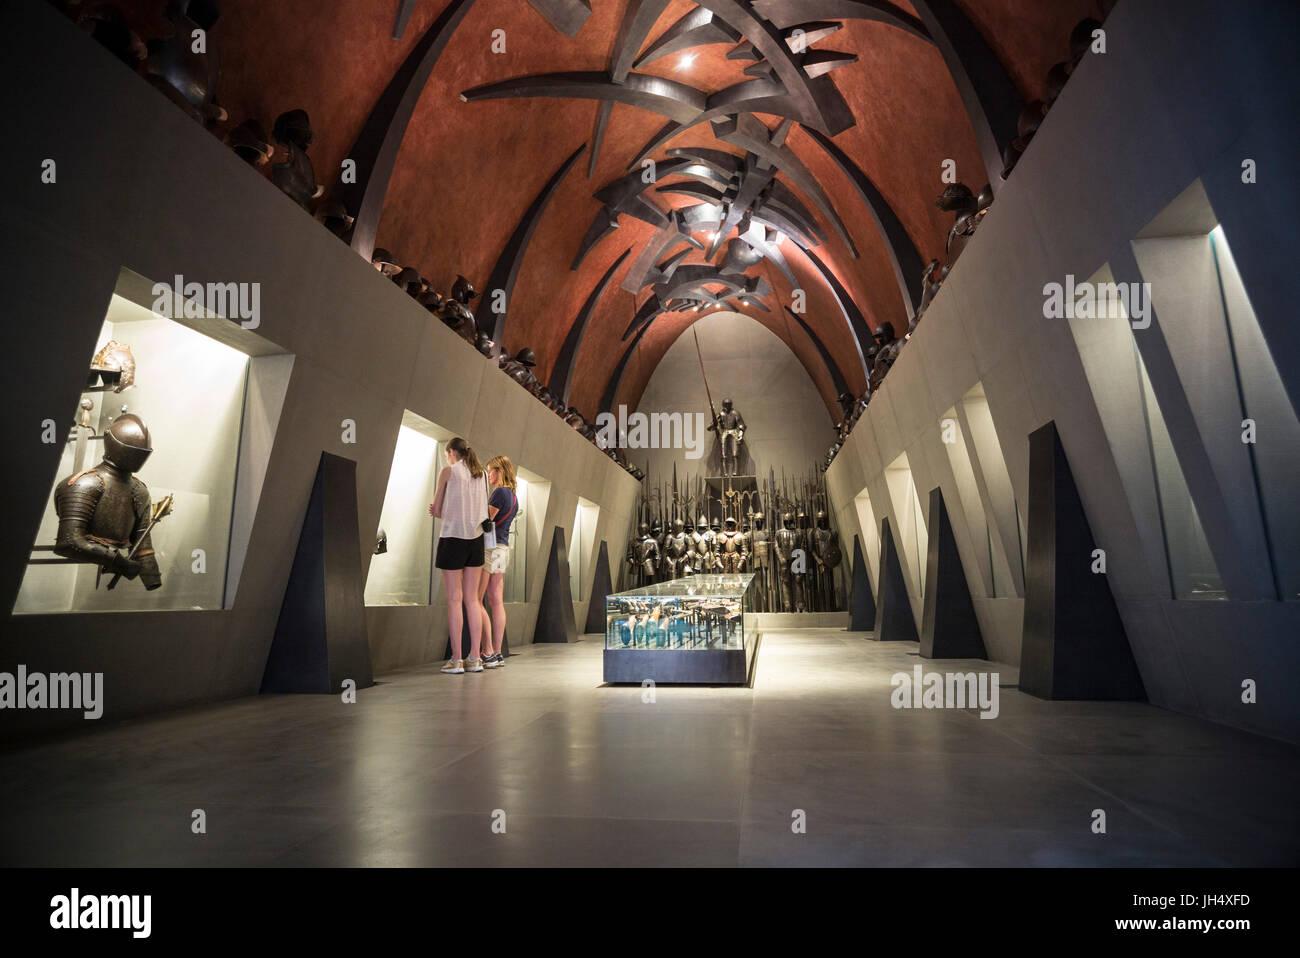 Milan. Italy. Museo Poldi Pezzoli Museum, the Armoury Hall, by Italian contemporary artist Arnaldo Pomodoro, 1998 - Stock Image